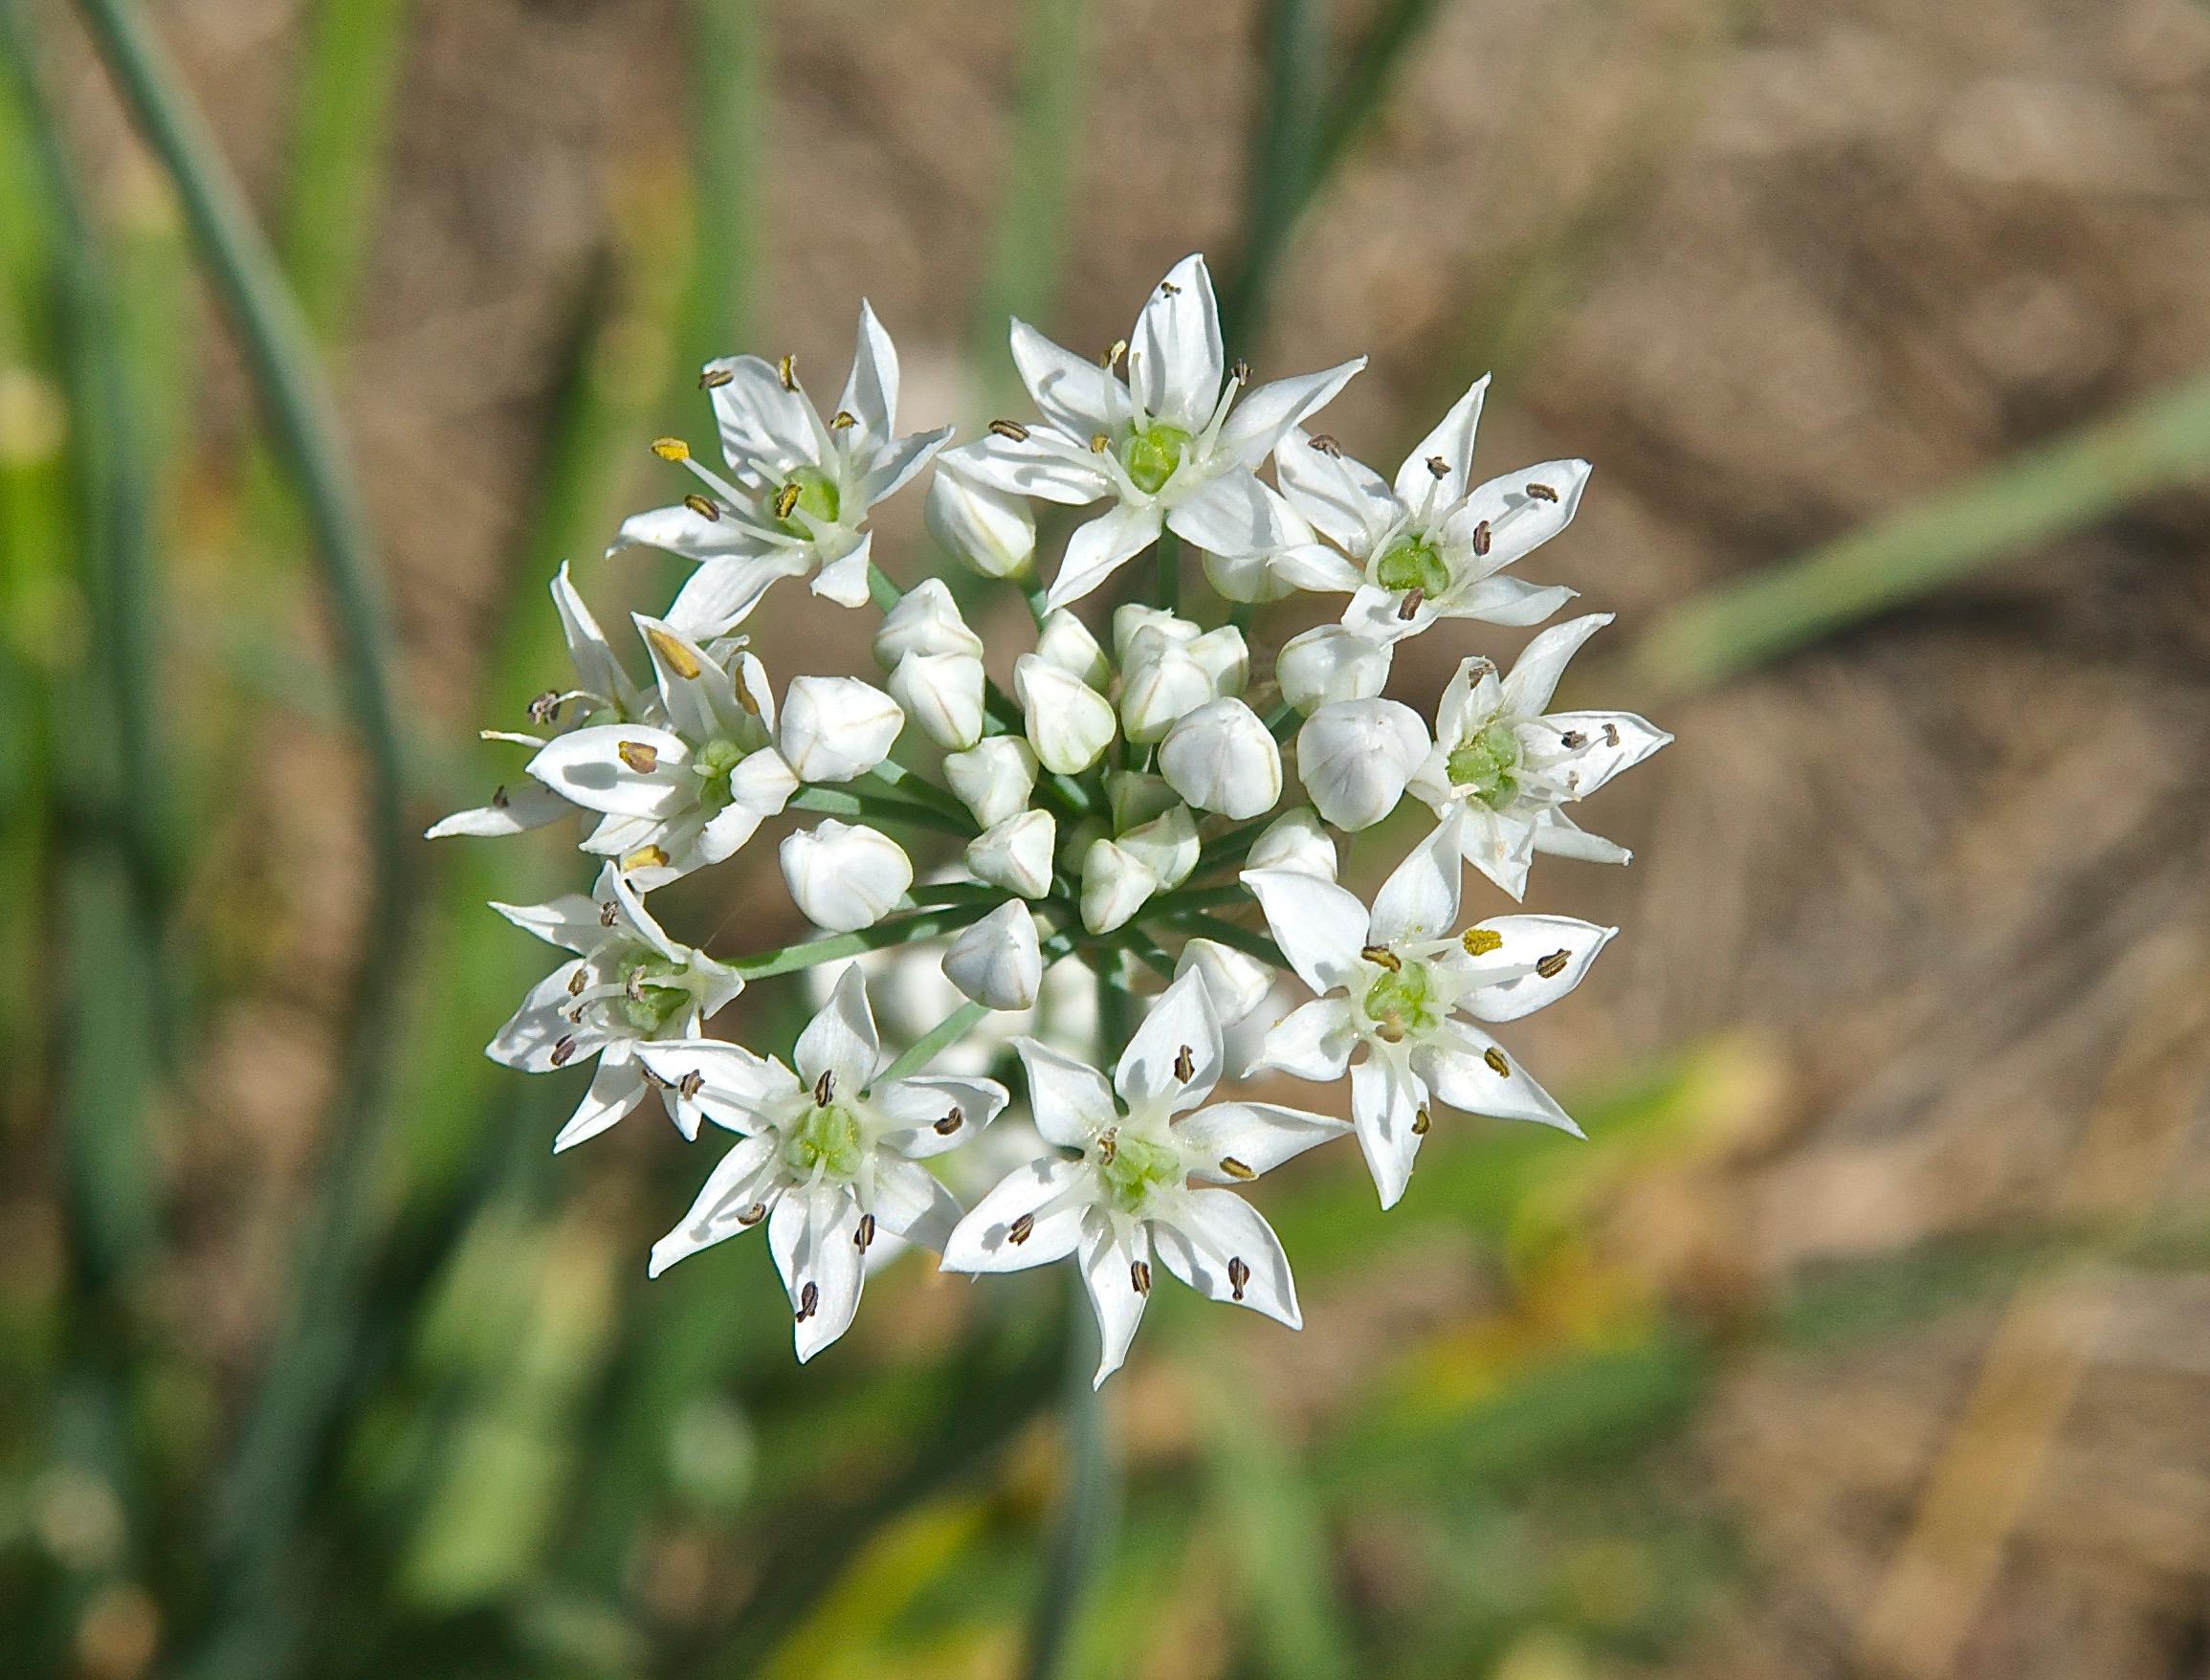 Wild Onion (Allium validum or A. canadense) (unknown)